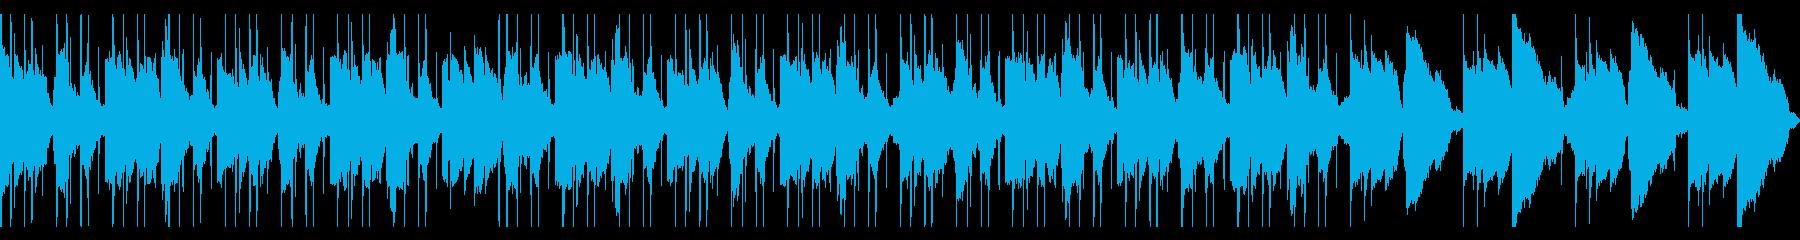 ギターLofi Hiphop 切ないの再生済みの波形